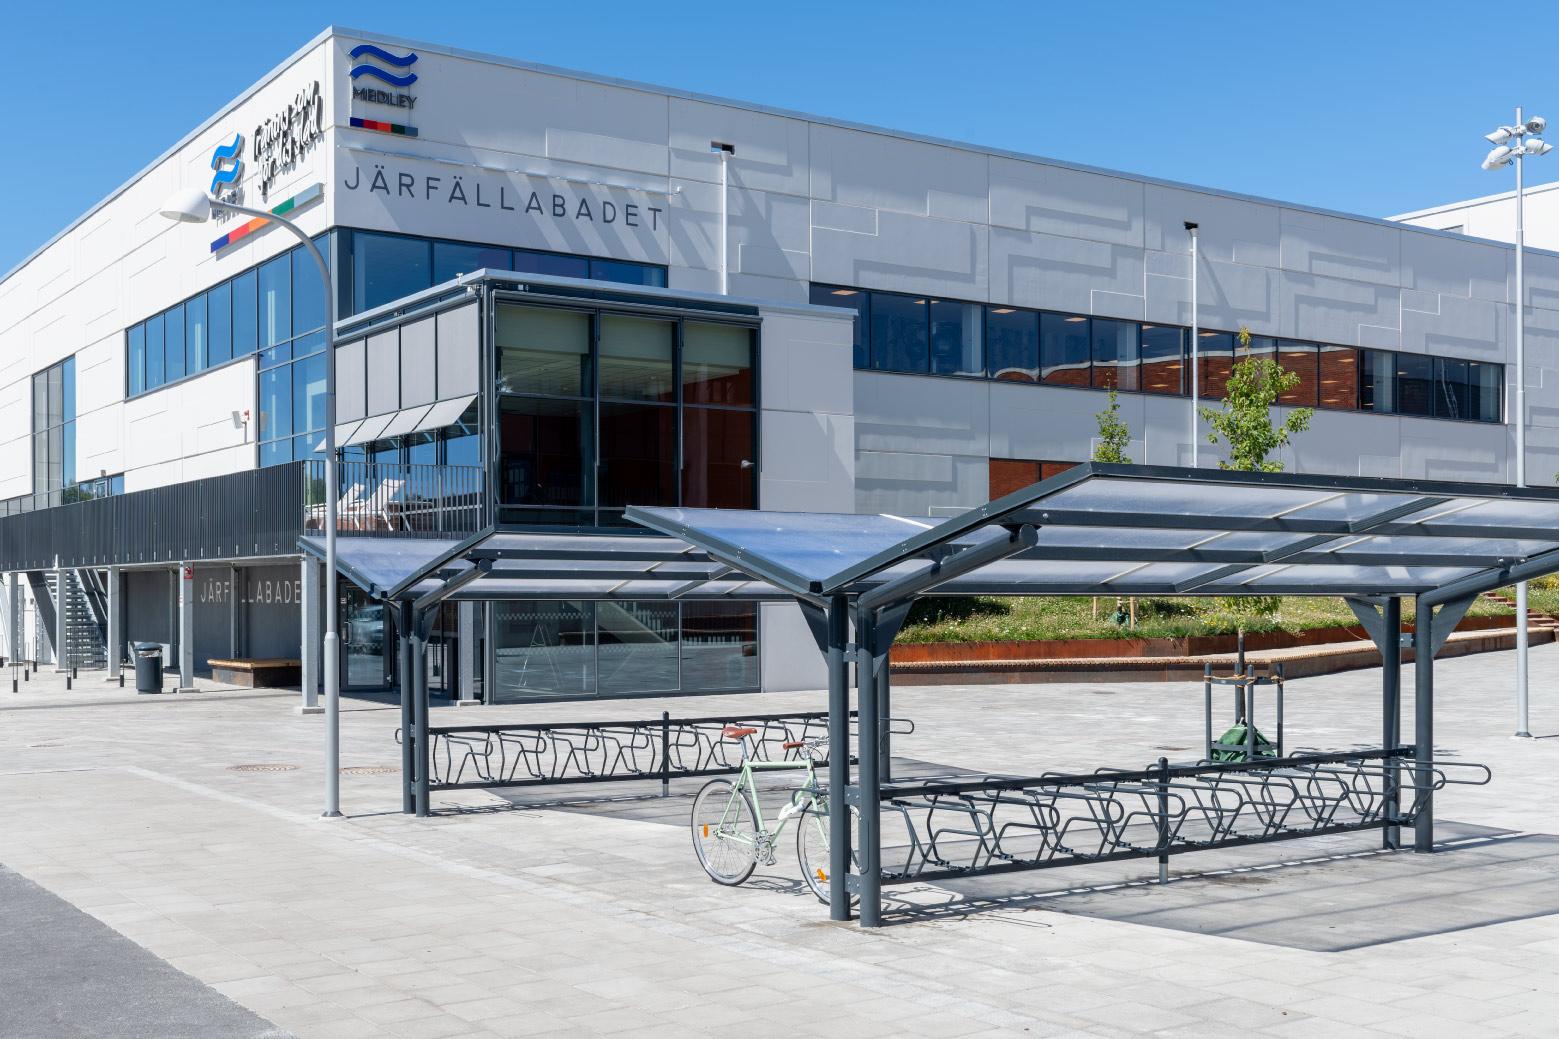 Dubbelsidigt cykeltak YPSILON från Cyklos utanför Järfällabadet i Järfälla tillsammans med cykelställ DELTA där en parkerad cykel är fastlåst i ramen